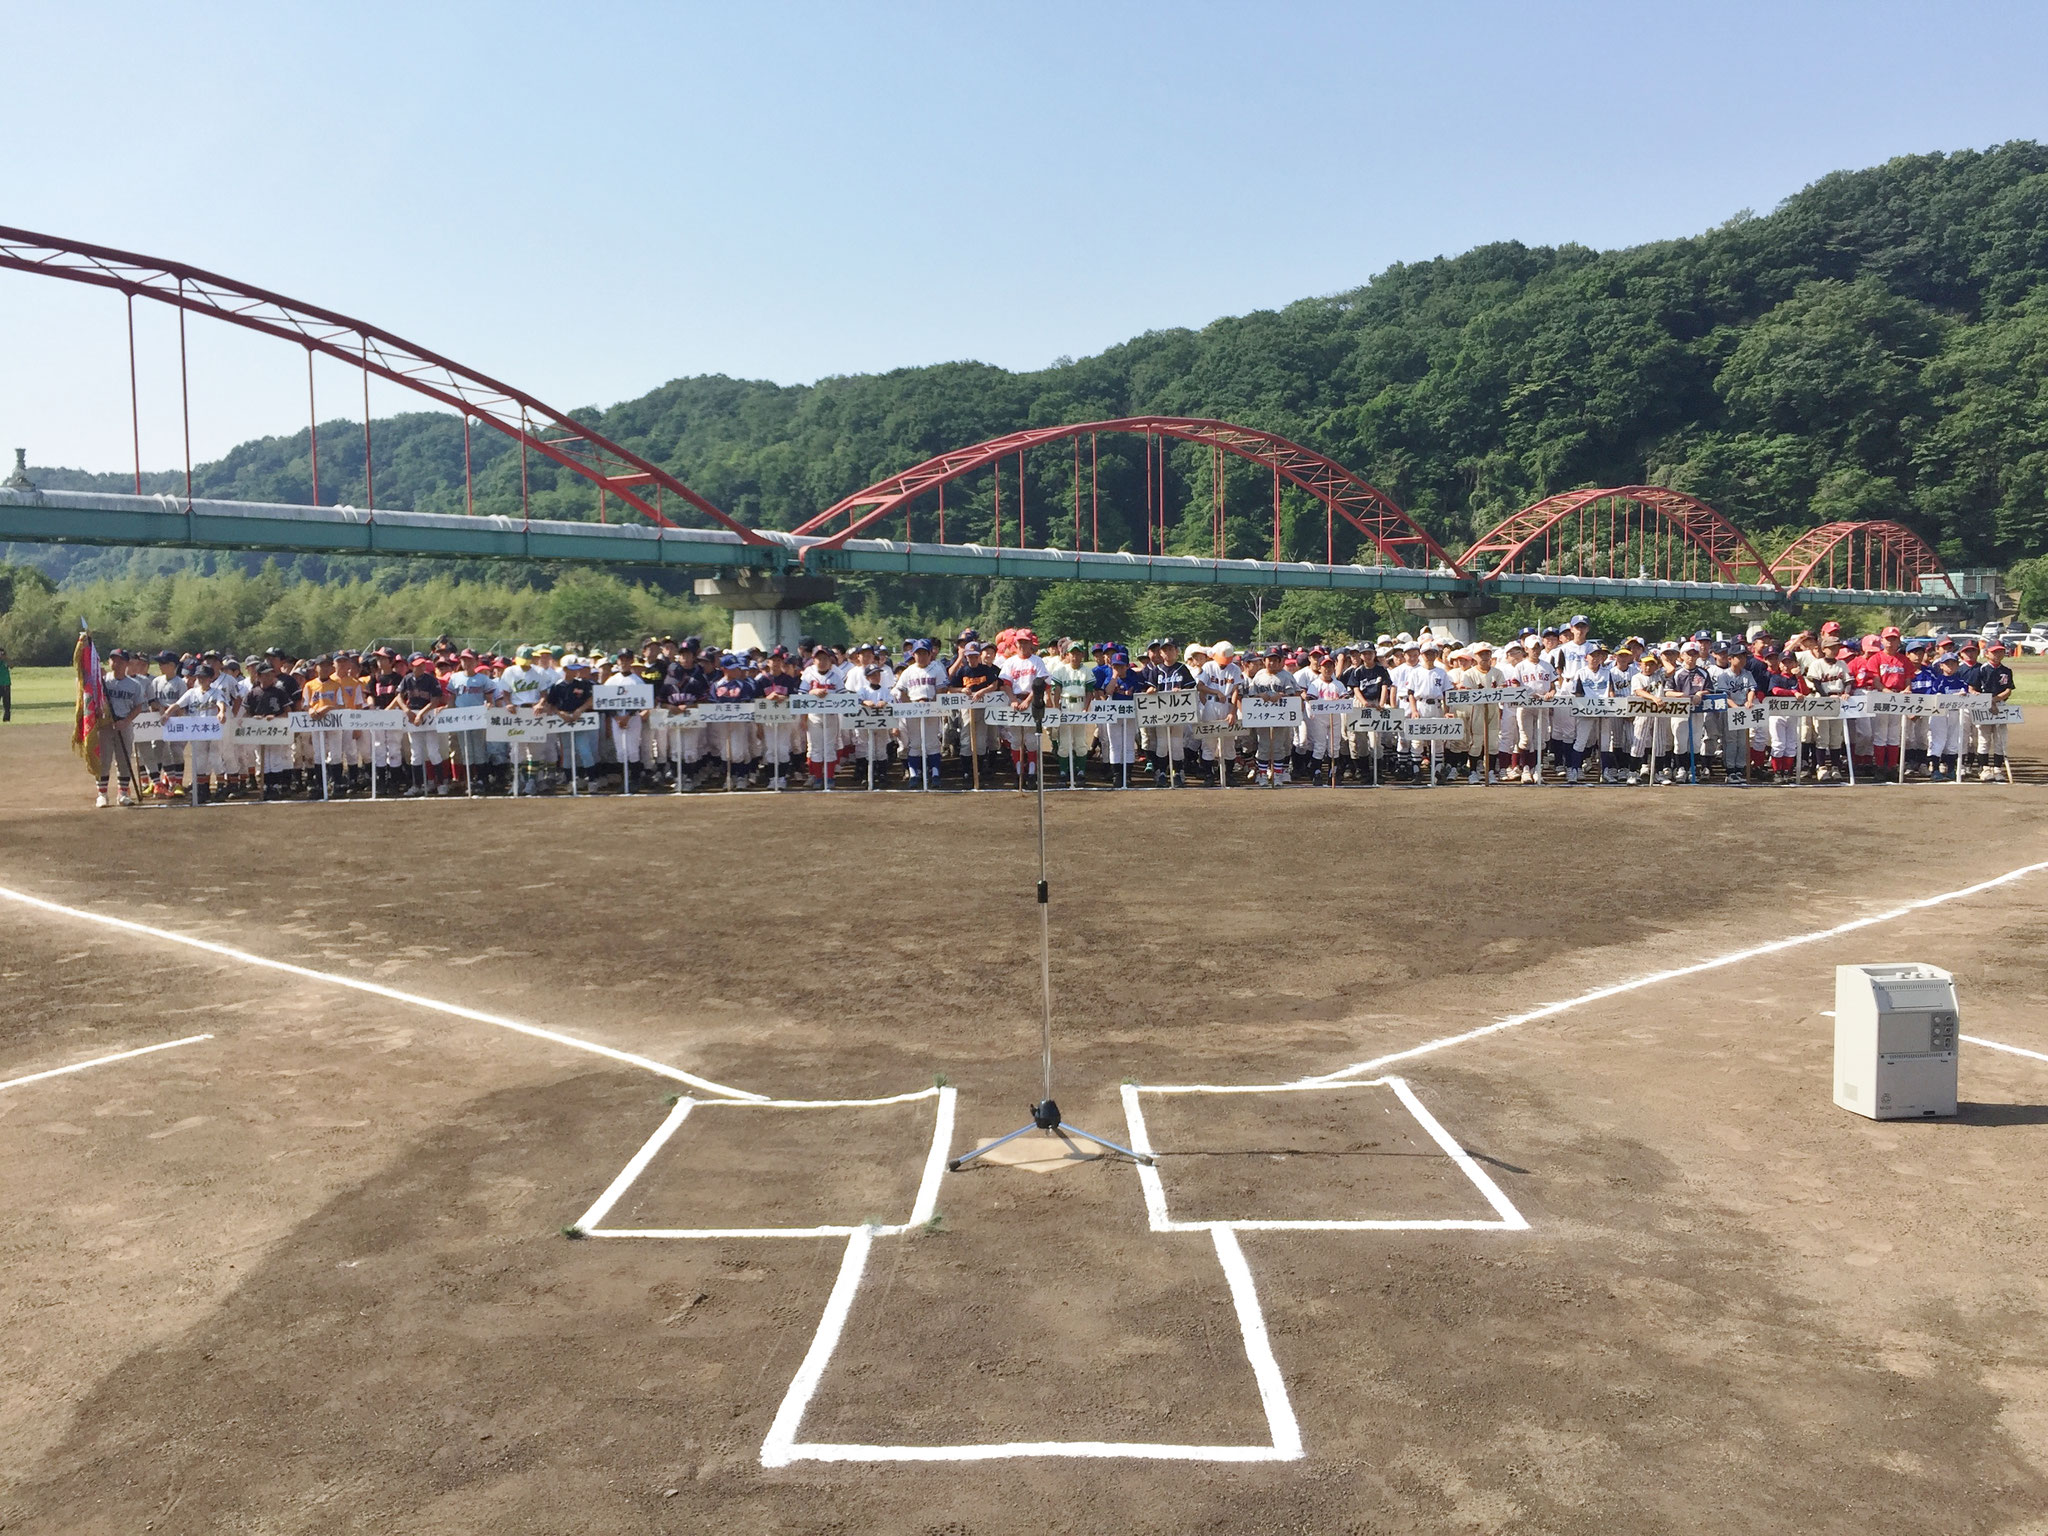 第24回 八王子市長杯争奪少年野球大会開会式 H29.5.21(日) 滝ガ原グラウンド